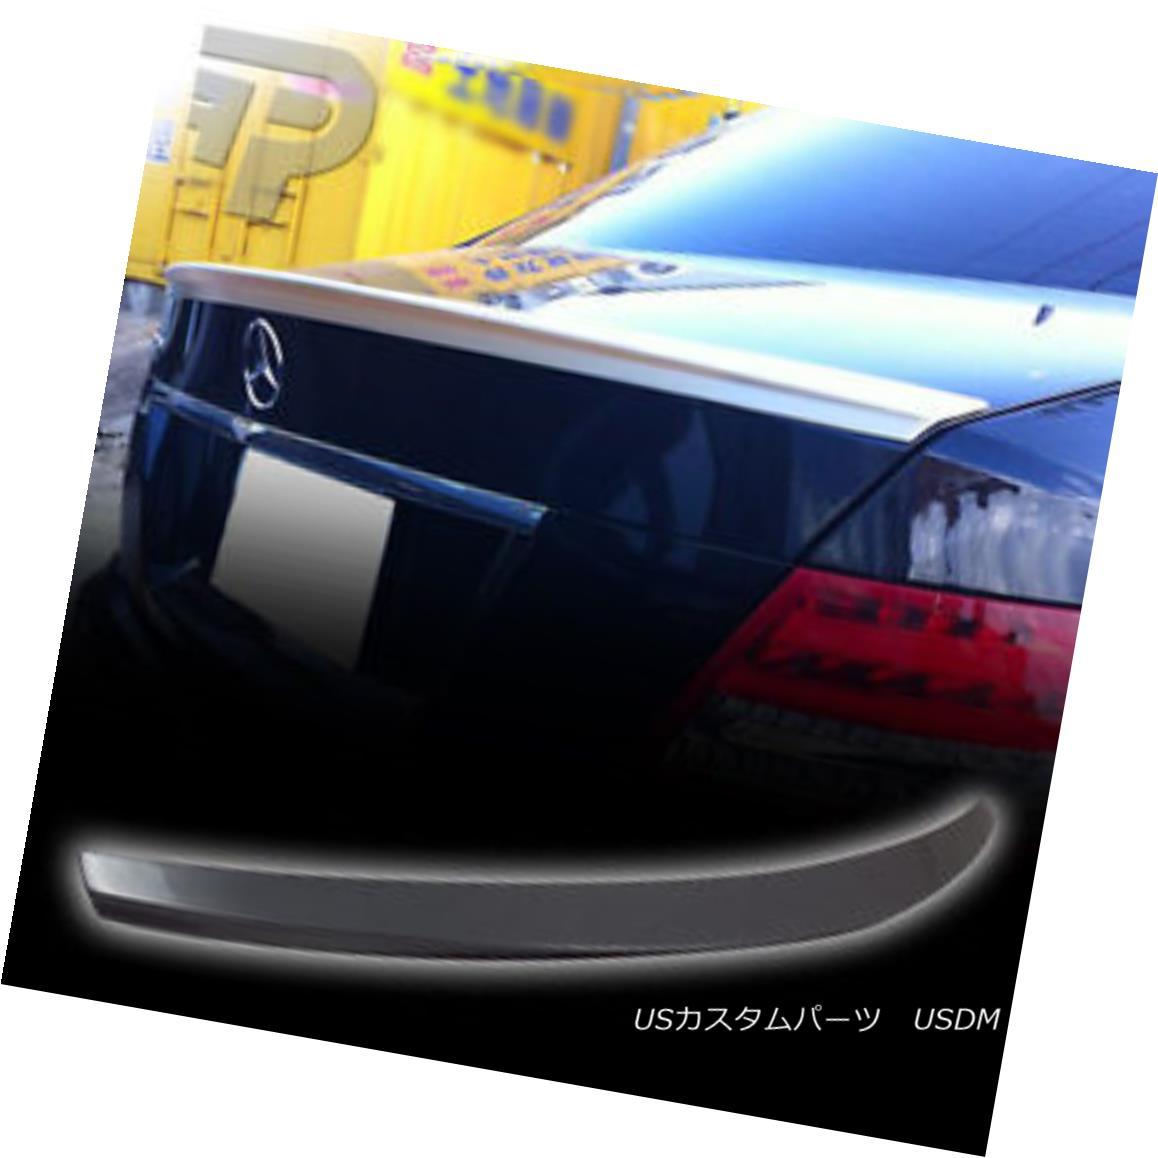 エアロパーツ PAINTED FOR Mercedes BENZ W204 FACTORY D STYLE REAR TRUNK SPOILER 08-13 メルセデス・ベンツW204用の塗装工場スタイルのリア・トランク・スポイラー08-13